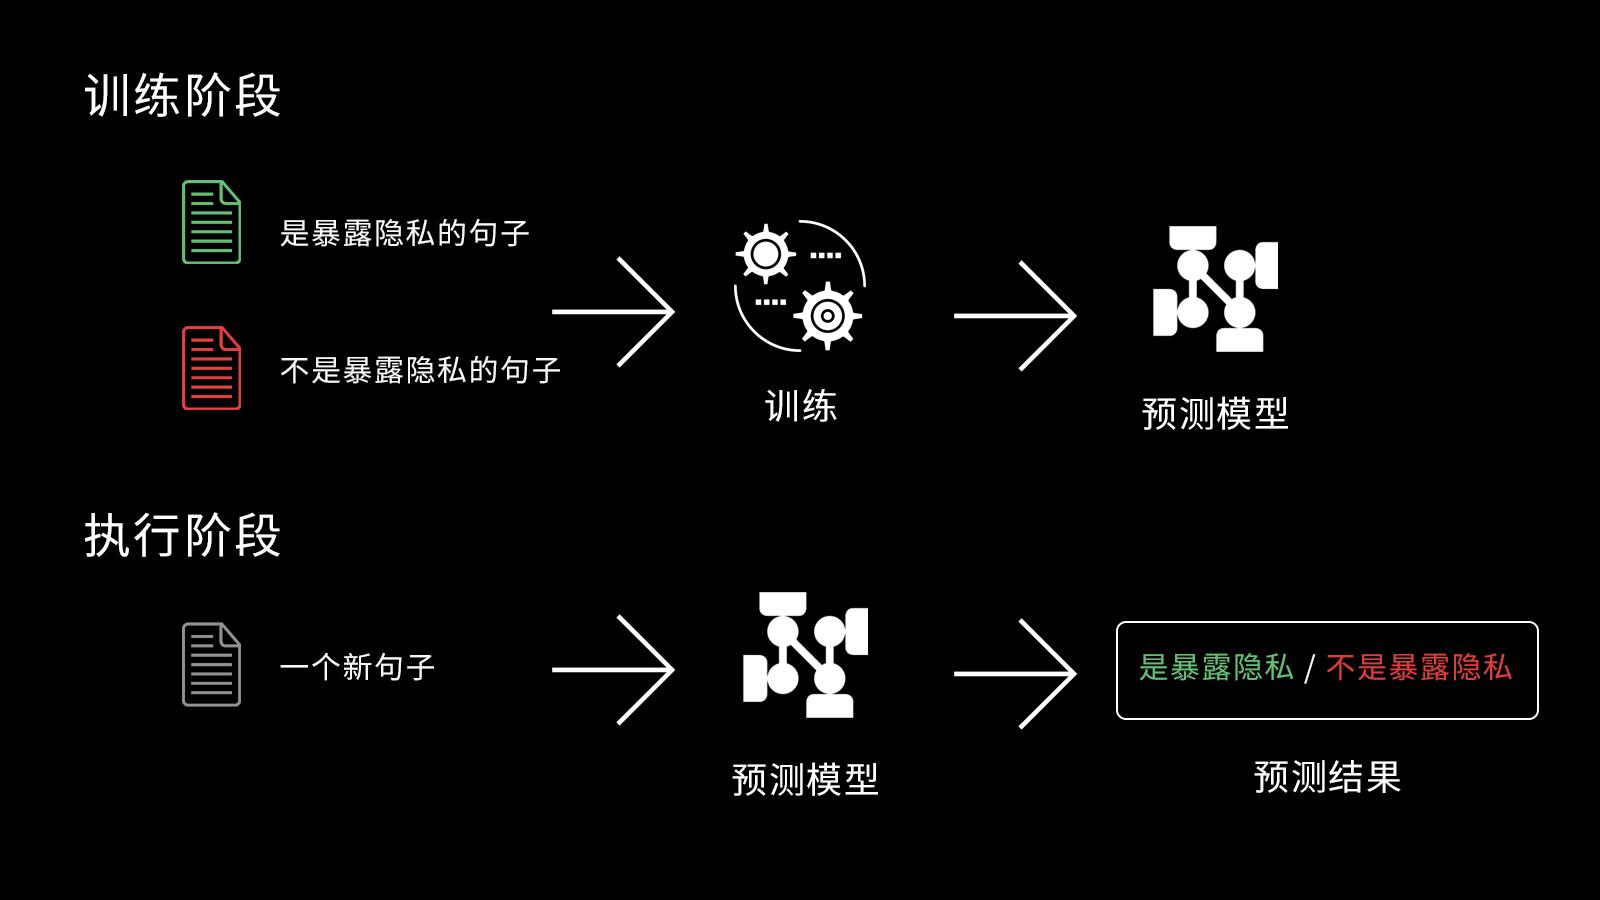 04暴露隐私原理